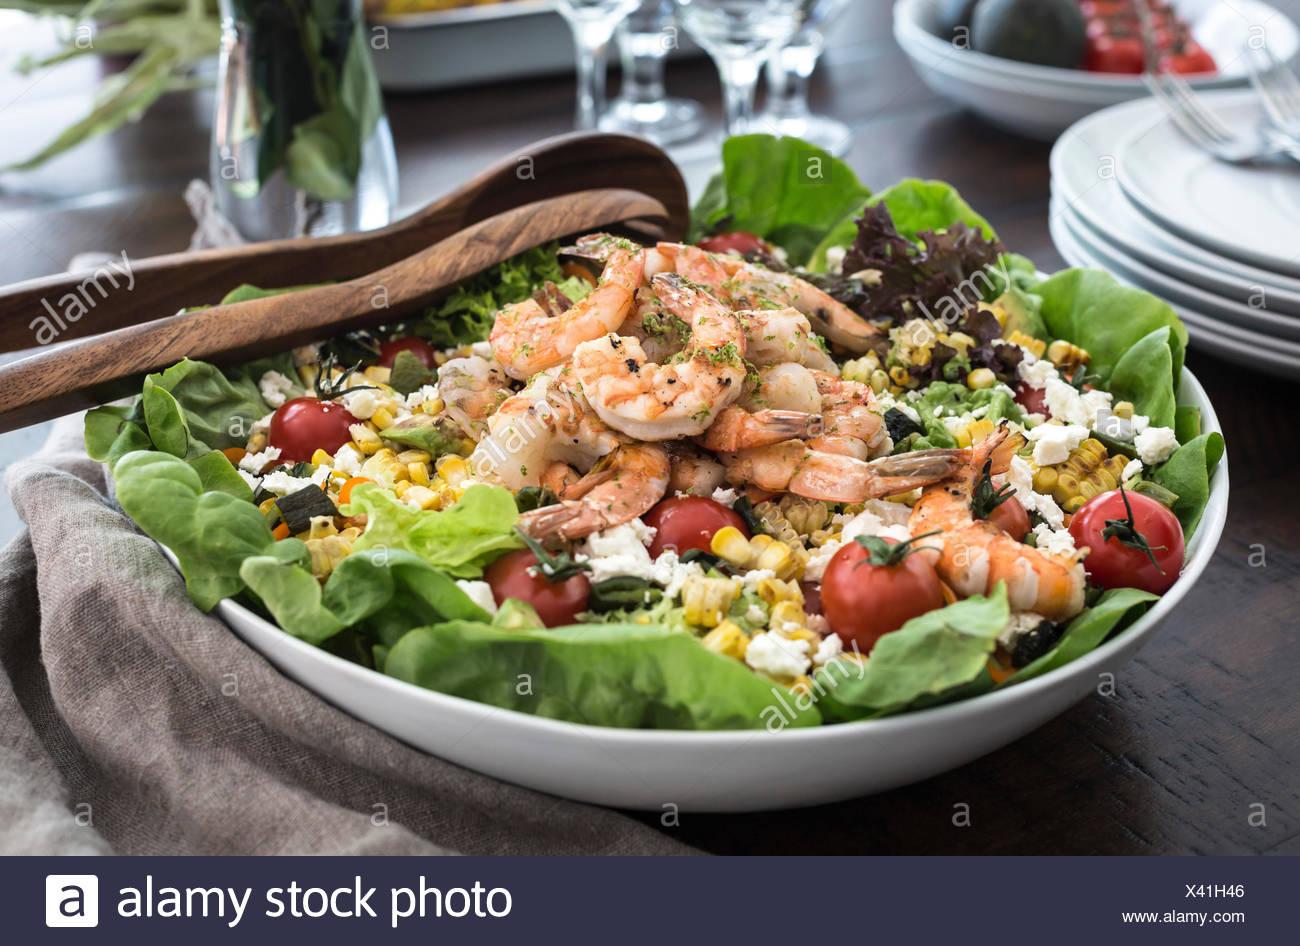 Un grand bol de crevettes grillées et salade de maïs est photographié à partir de la vue de face. Photo Stock